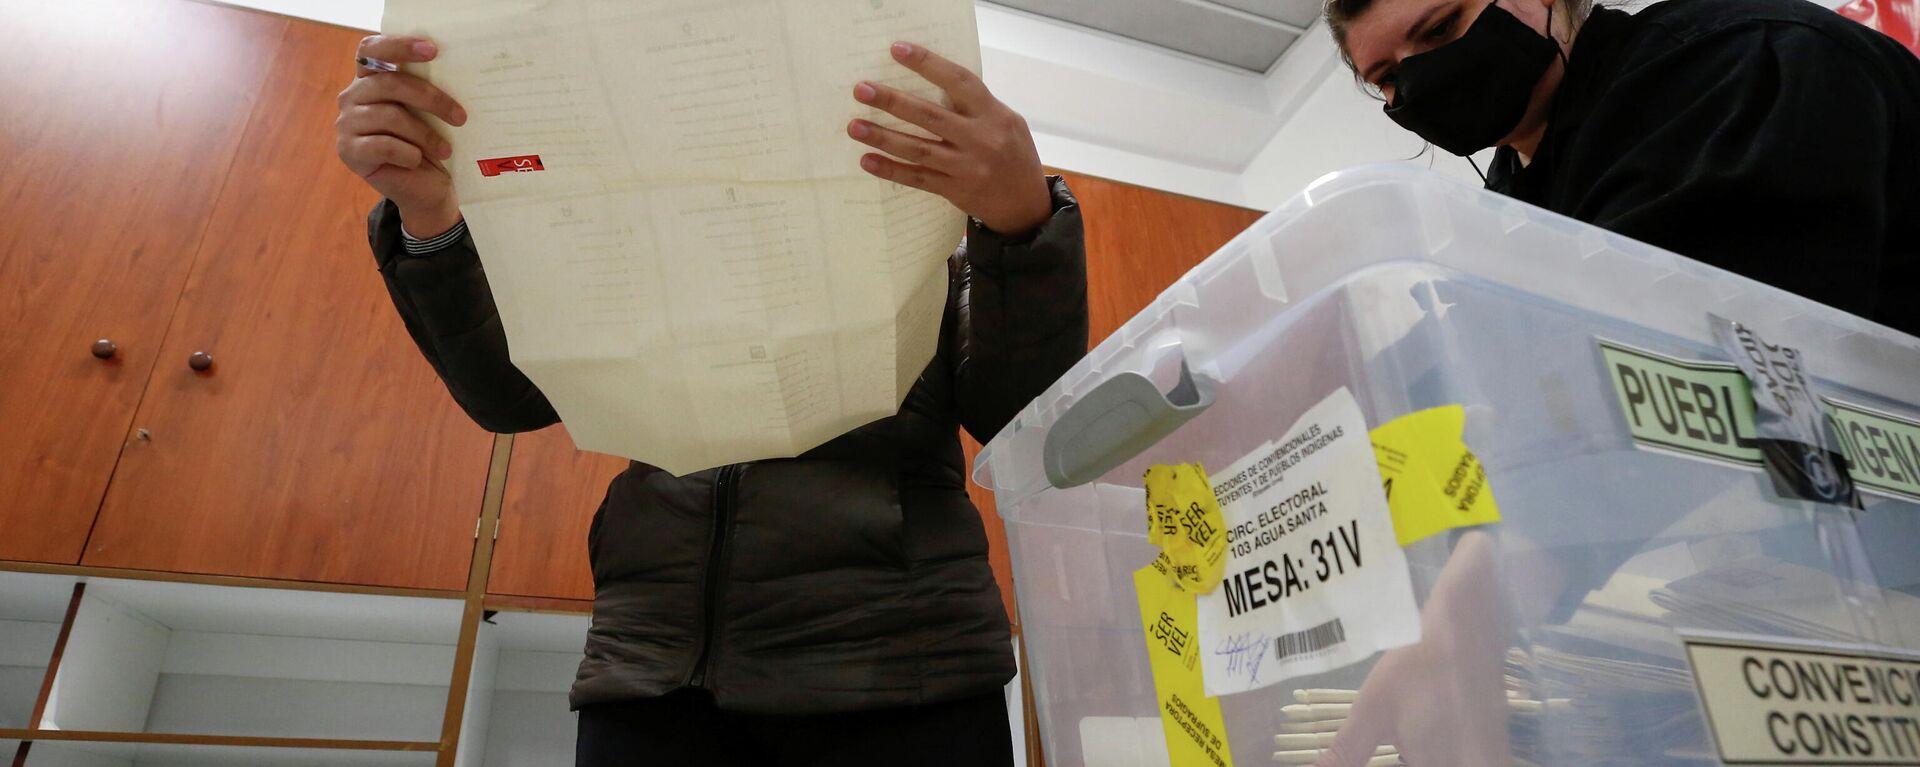 Elecciones en Chile - Sputnik Mundo, 1920, 19.05.2021